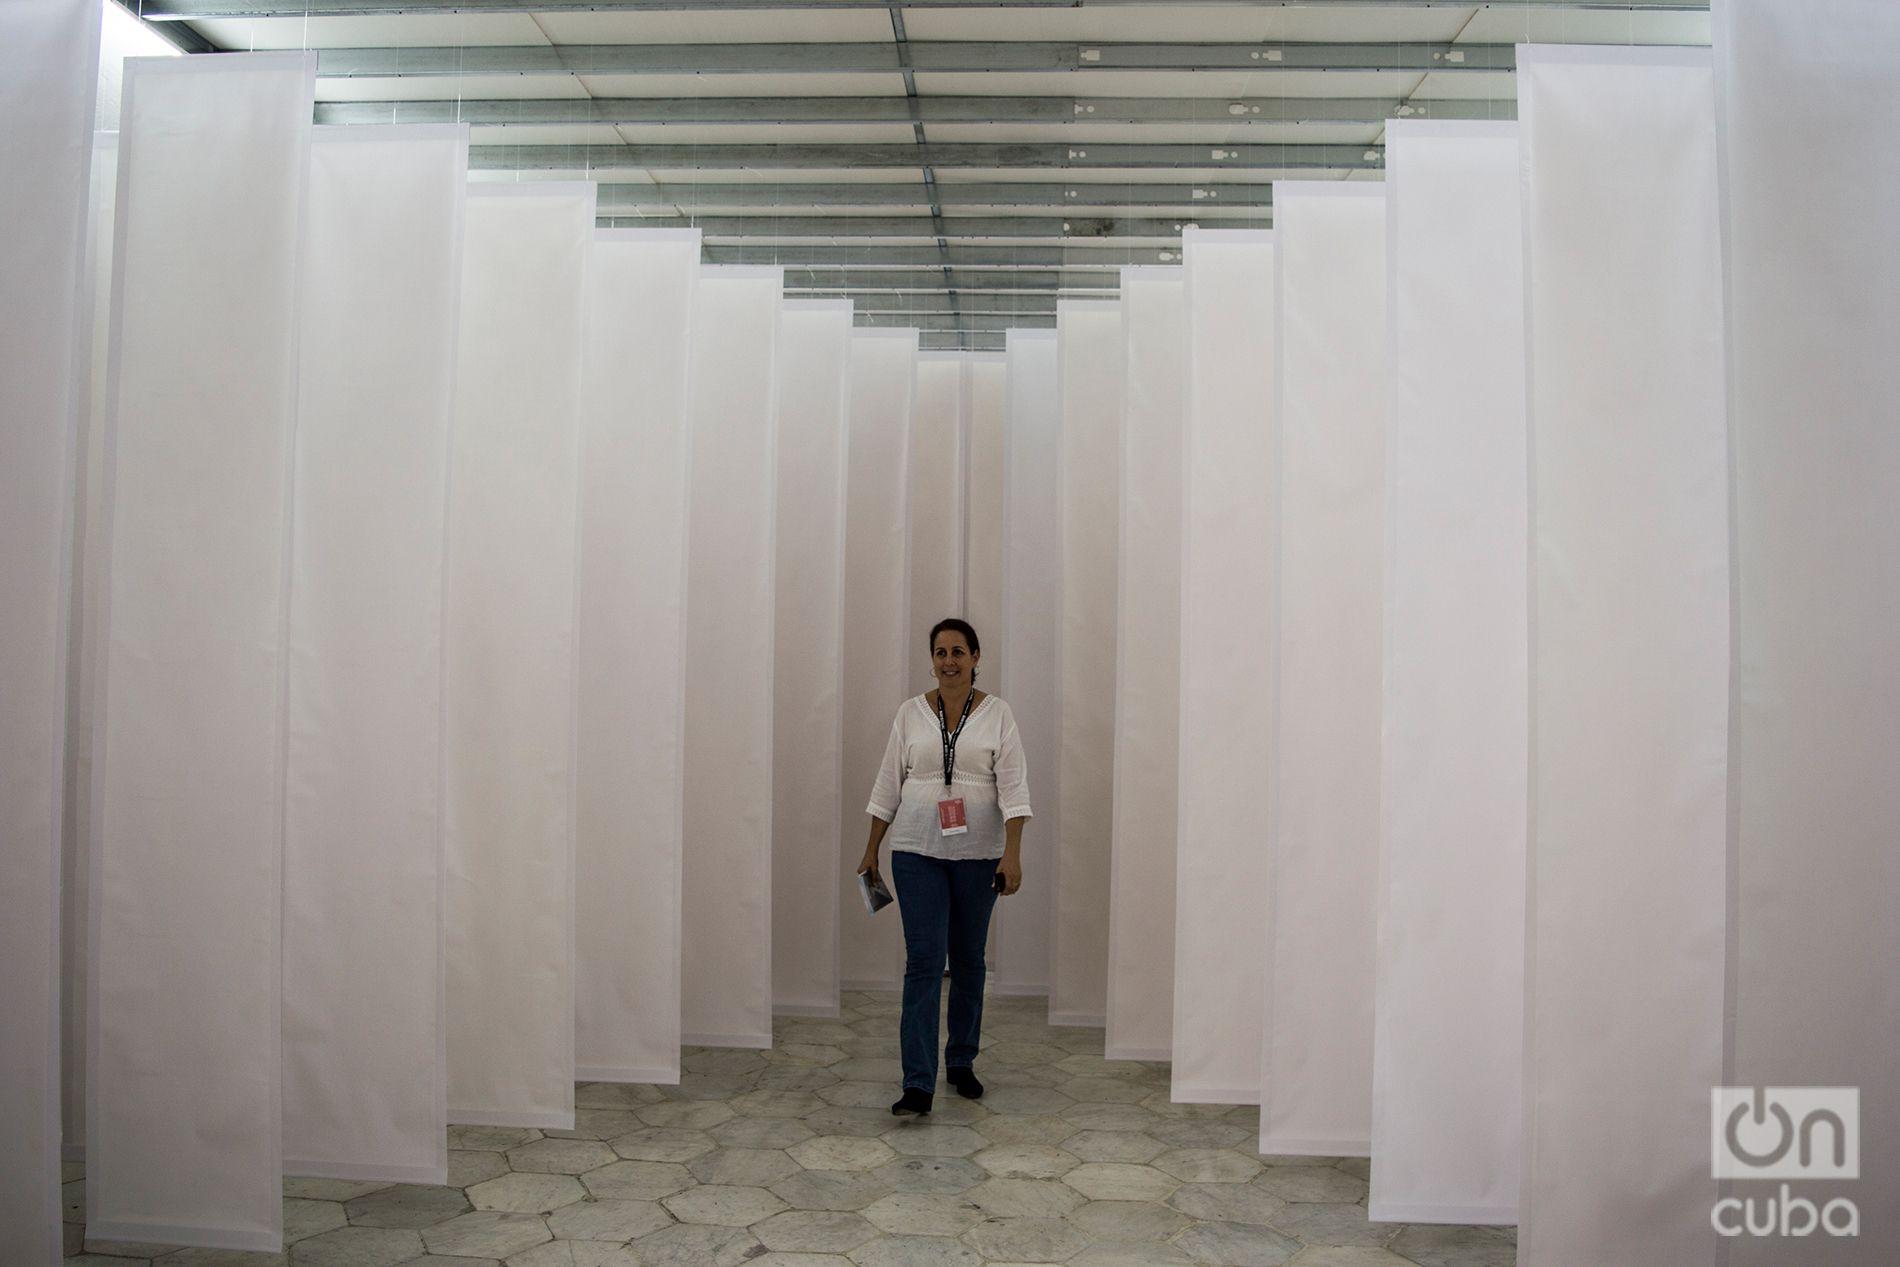 """Instalación """"Blanco"""", de la artista cubana Tamara Campo, en el Centro de Arte Contemporáneo Wifredo Lam, durante la XIII Bienal de La Habana. Foto: Otmaro Rodríguez."""